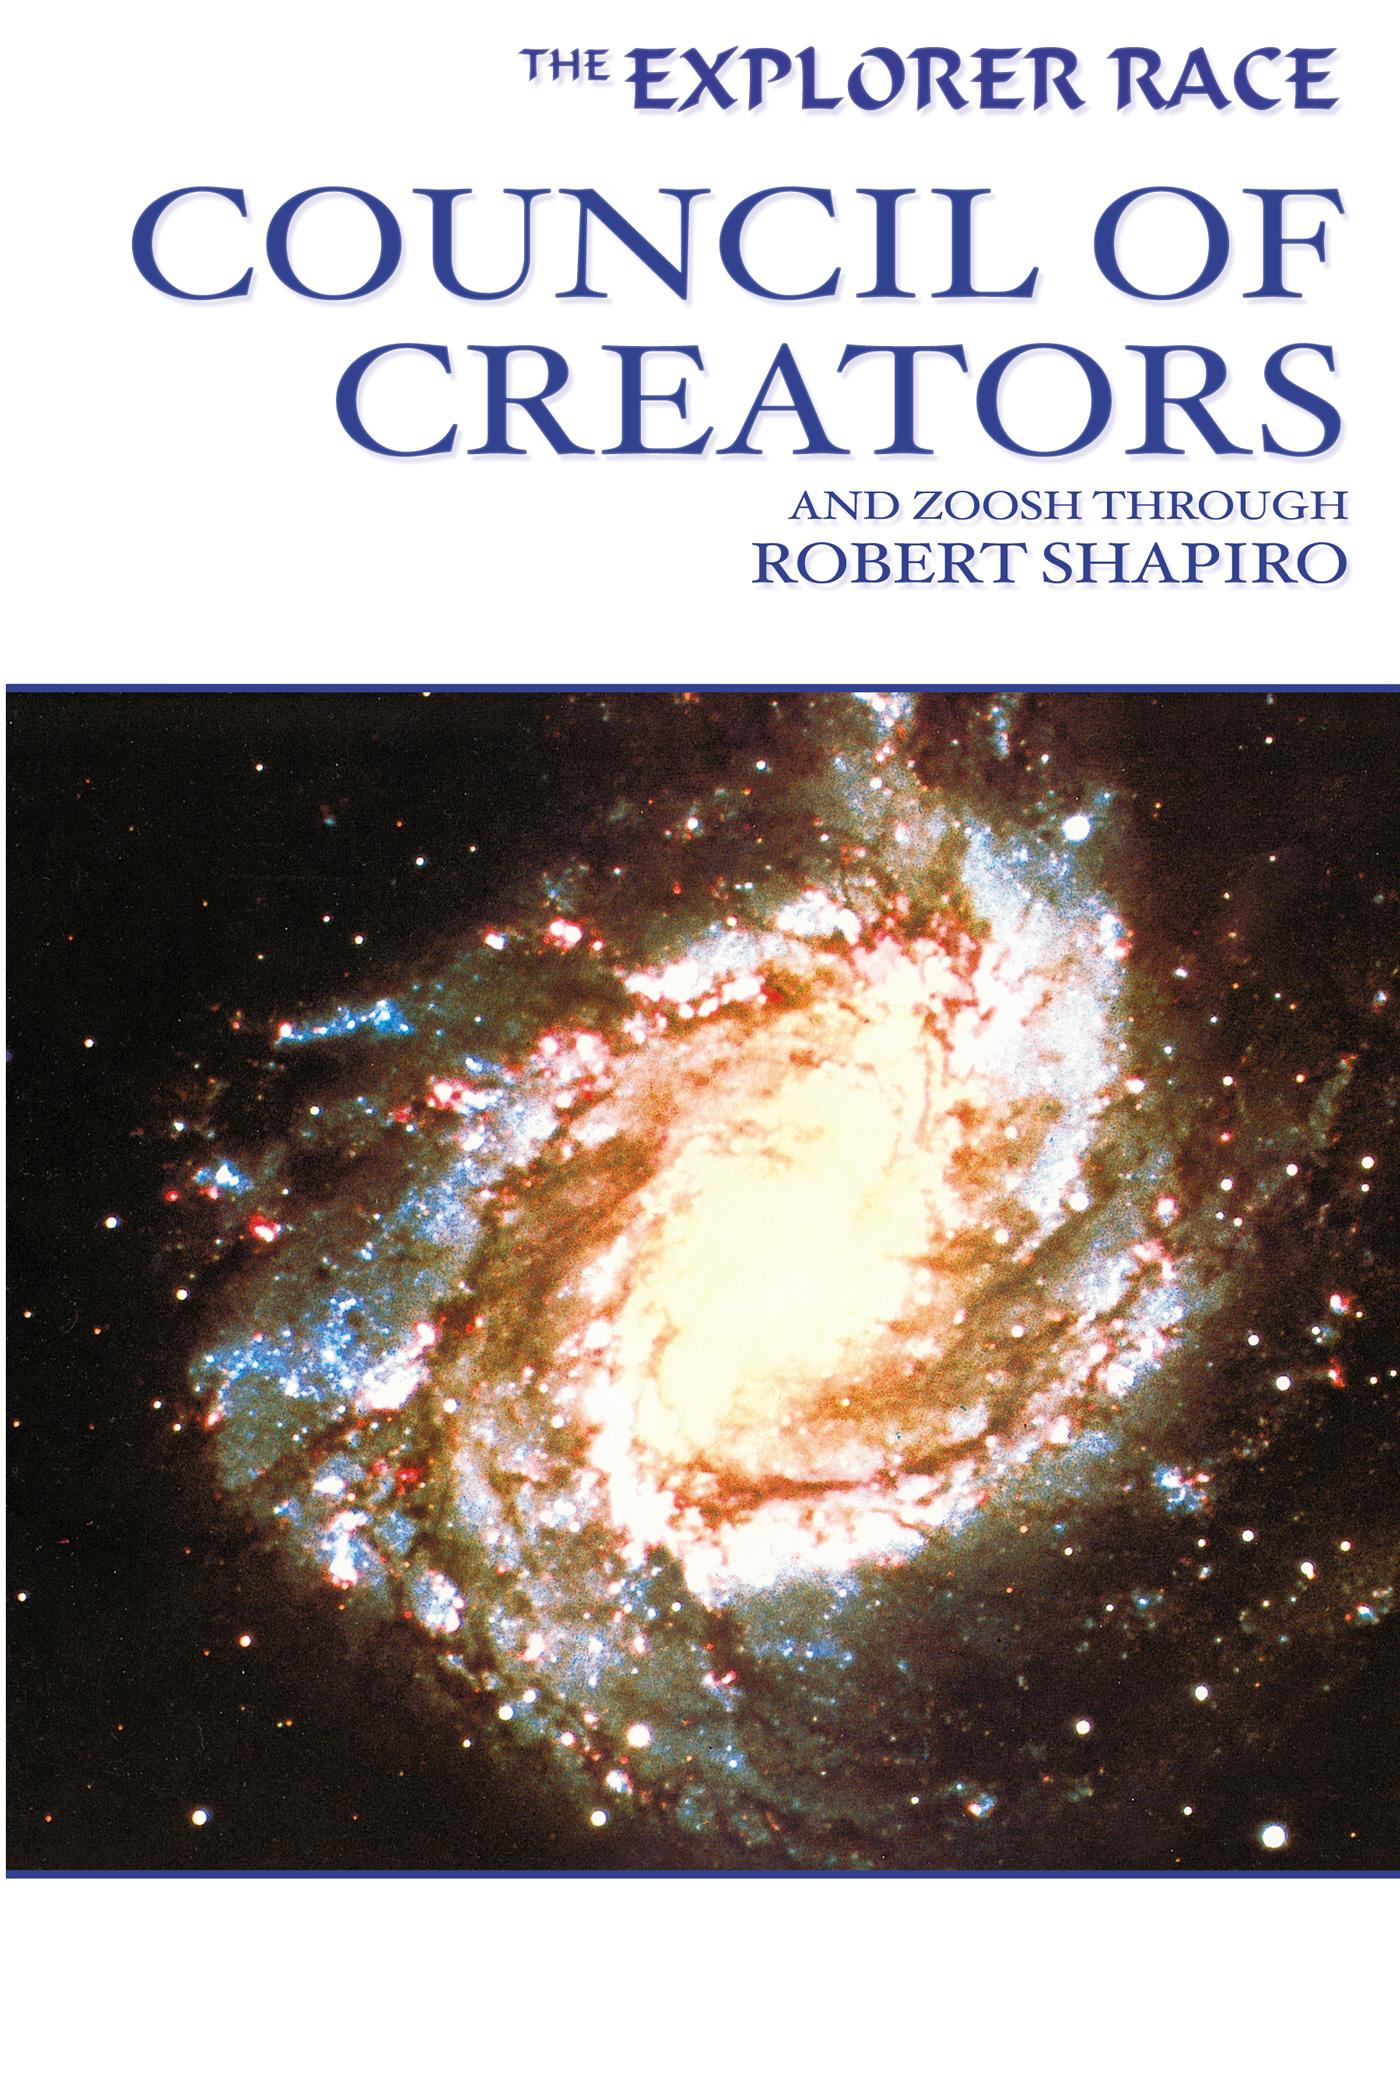 Council of Creators Book